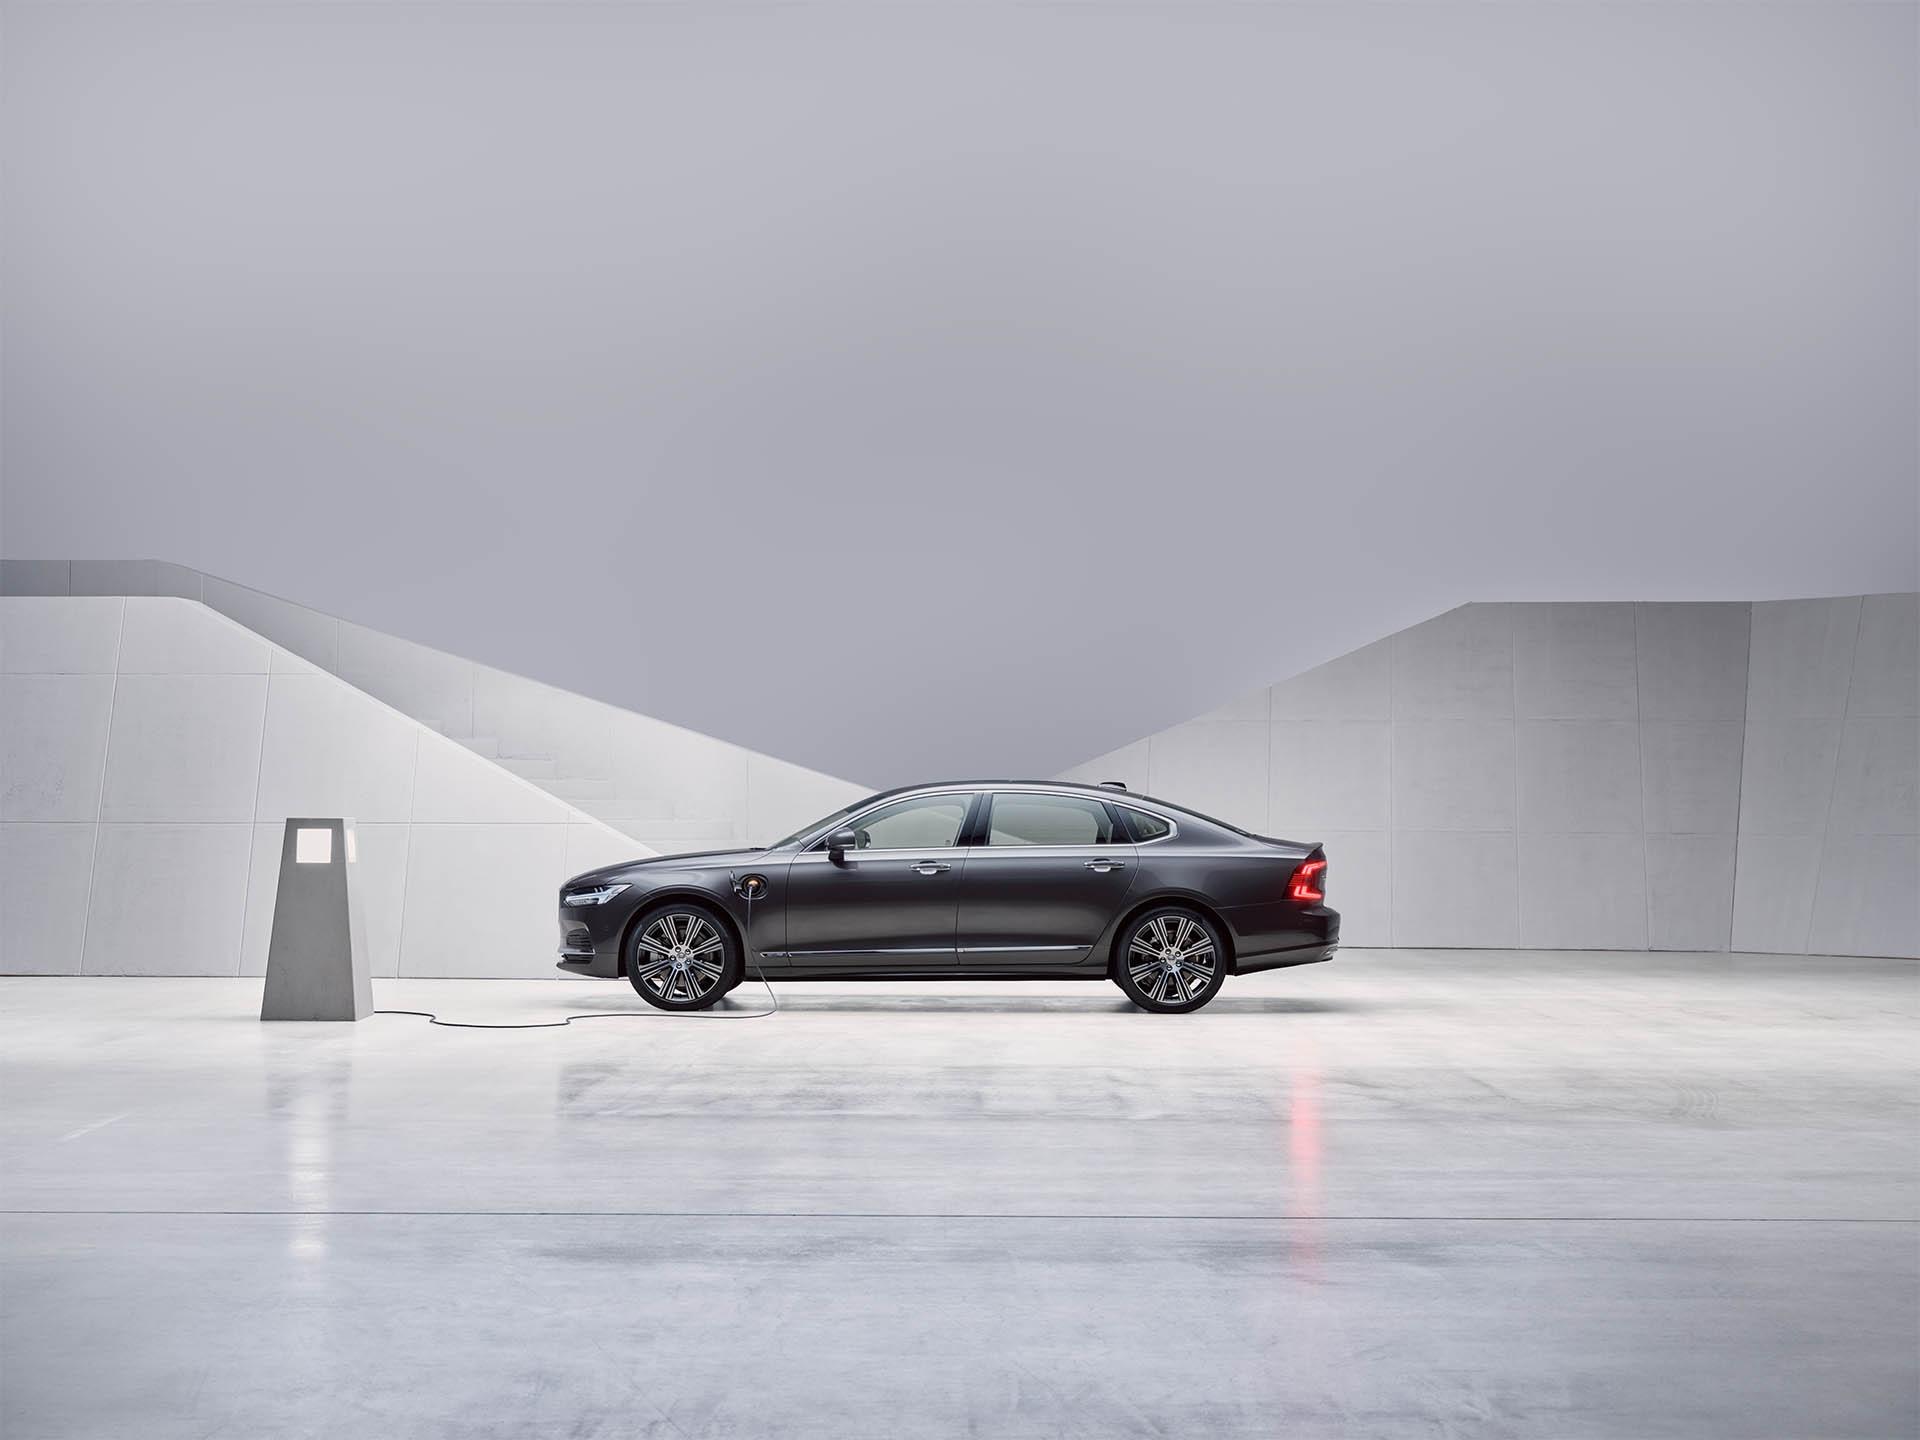 Çınqıl boz rəngli Volvo S90 şarj olunan hibrid sedan yerində dayanıb və şarj olunur